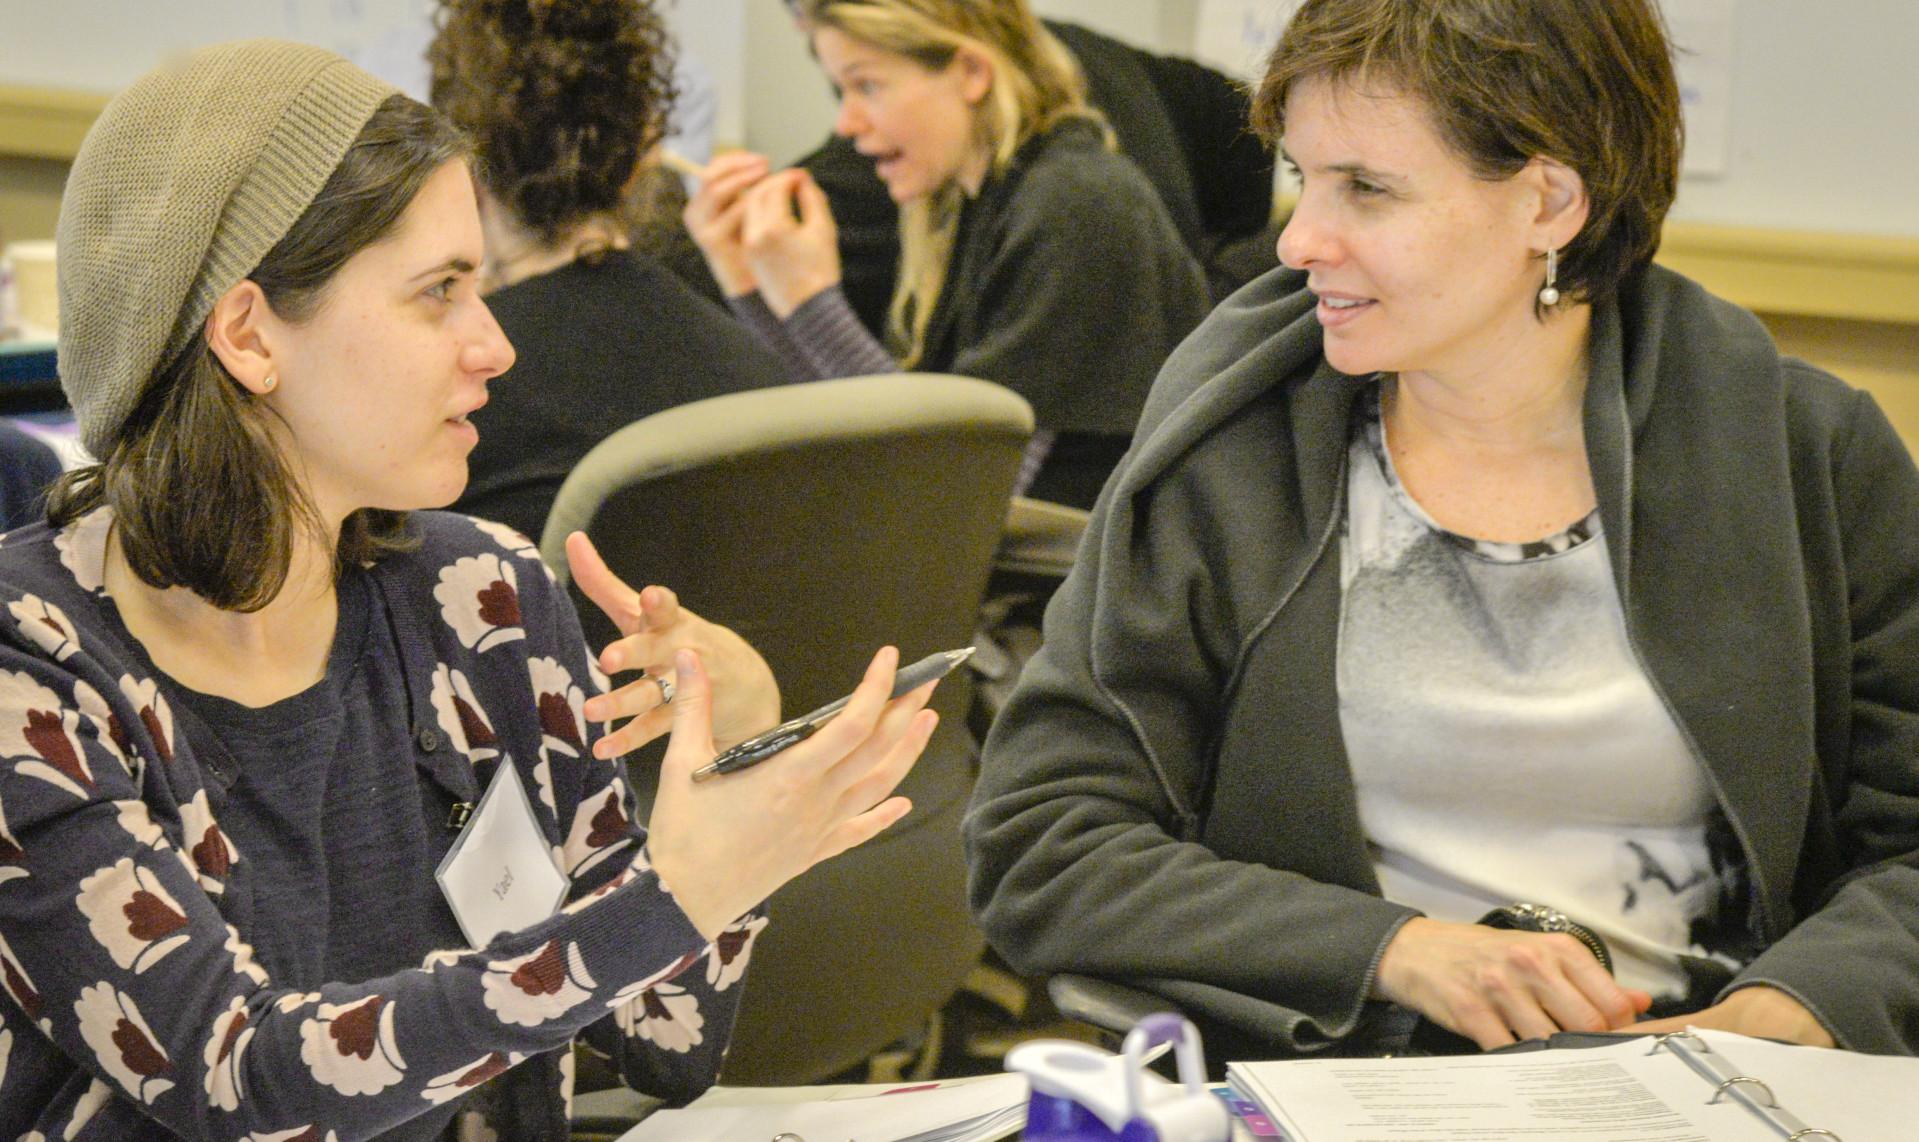 Mandel Teacher Educator Institute, MTEI, held 3 morning sessions for teachers in Skokie, IL